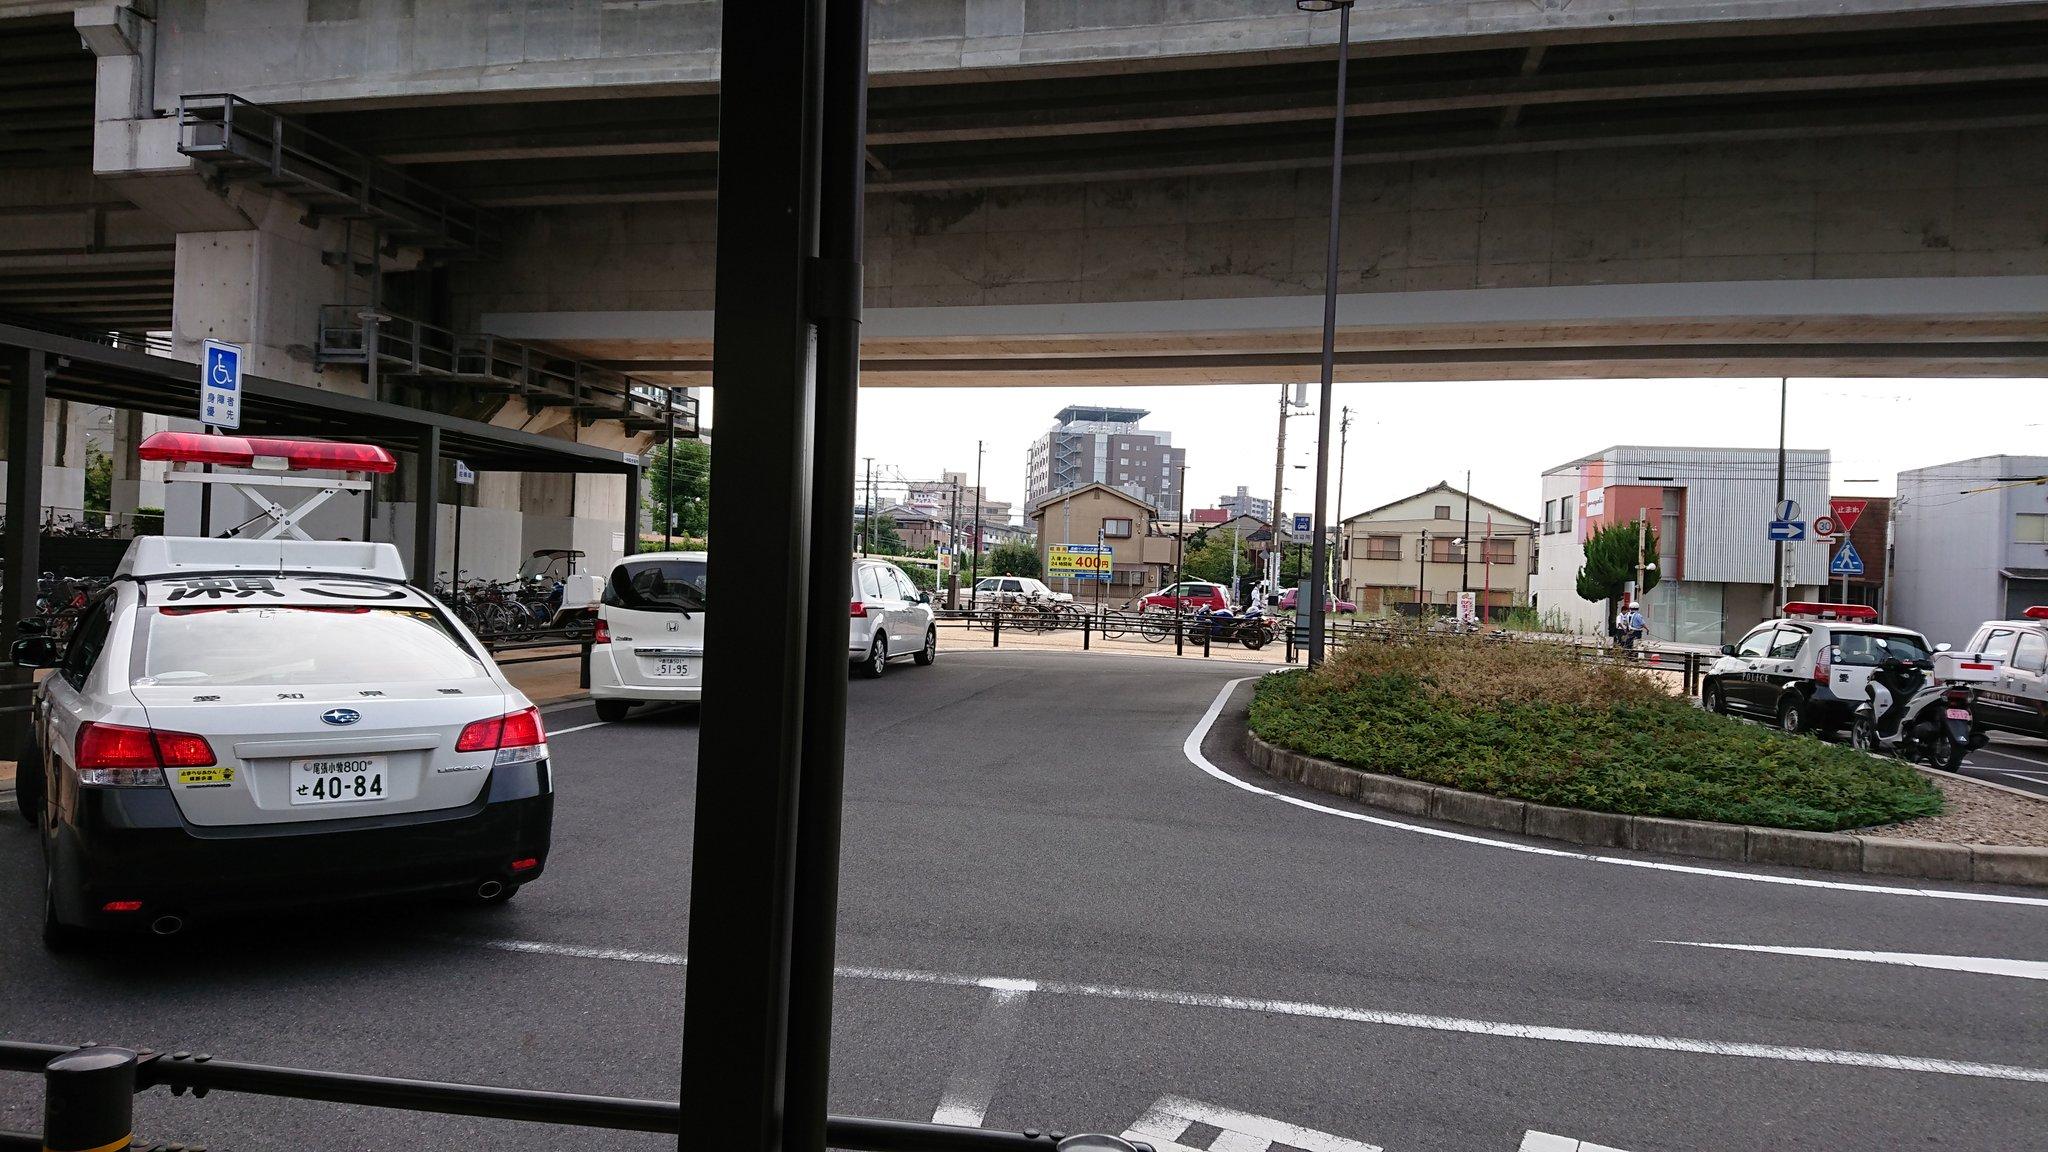 新瀬戸駅で女子中学生が飛び込み自殺を図った人身事故現場の画像